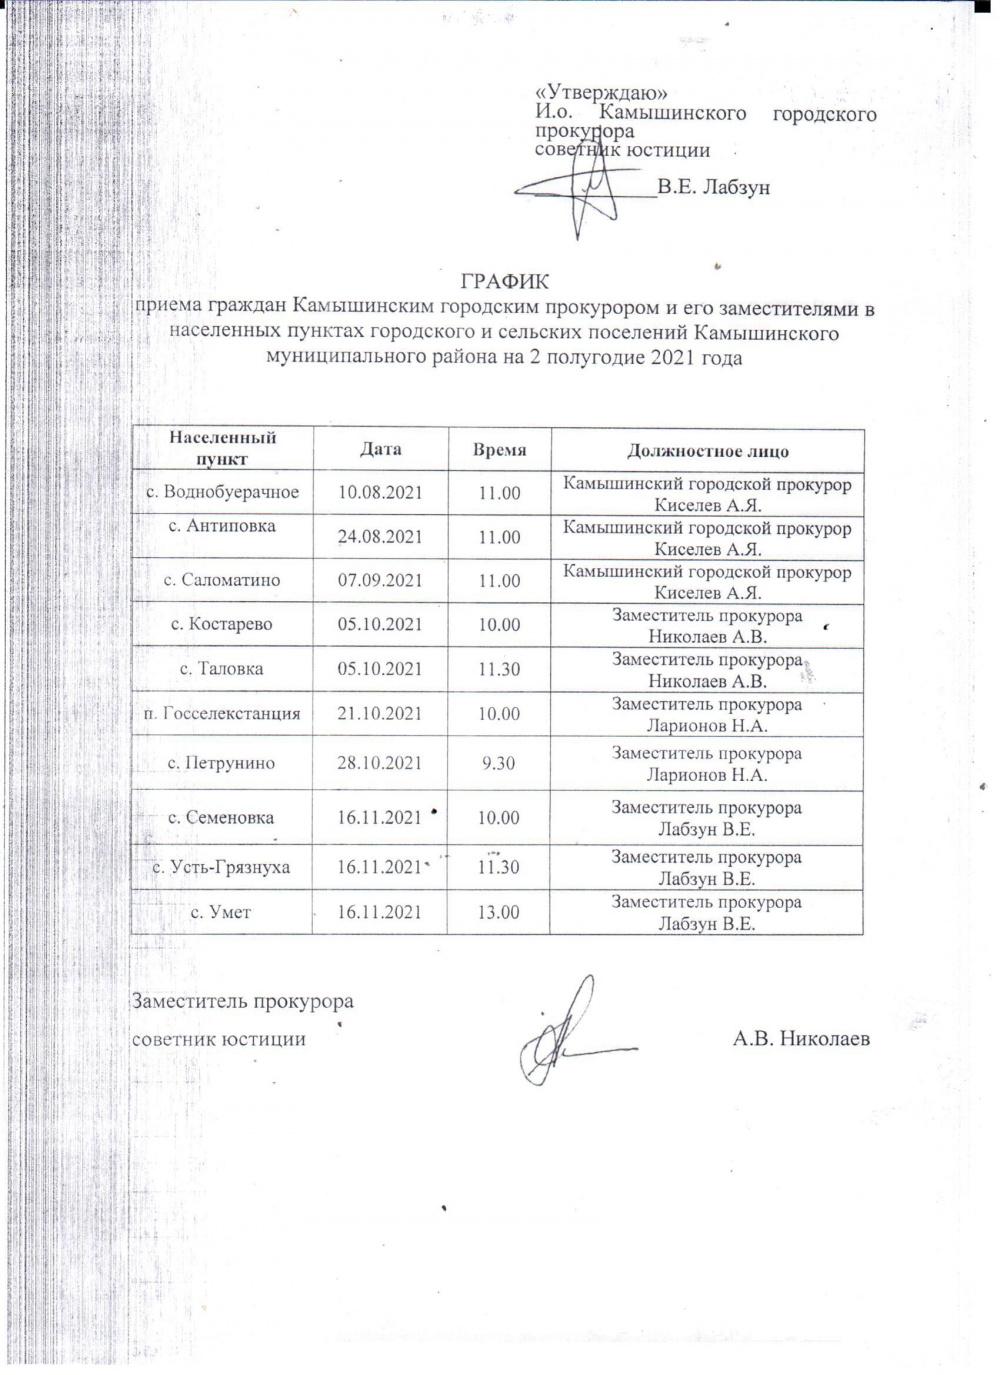 График выездного приема граждан Камышинским городским прокурором и его заместителями в населенных пунктах Камышинского муниципального района на 2 полугодие 2021 года